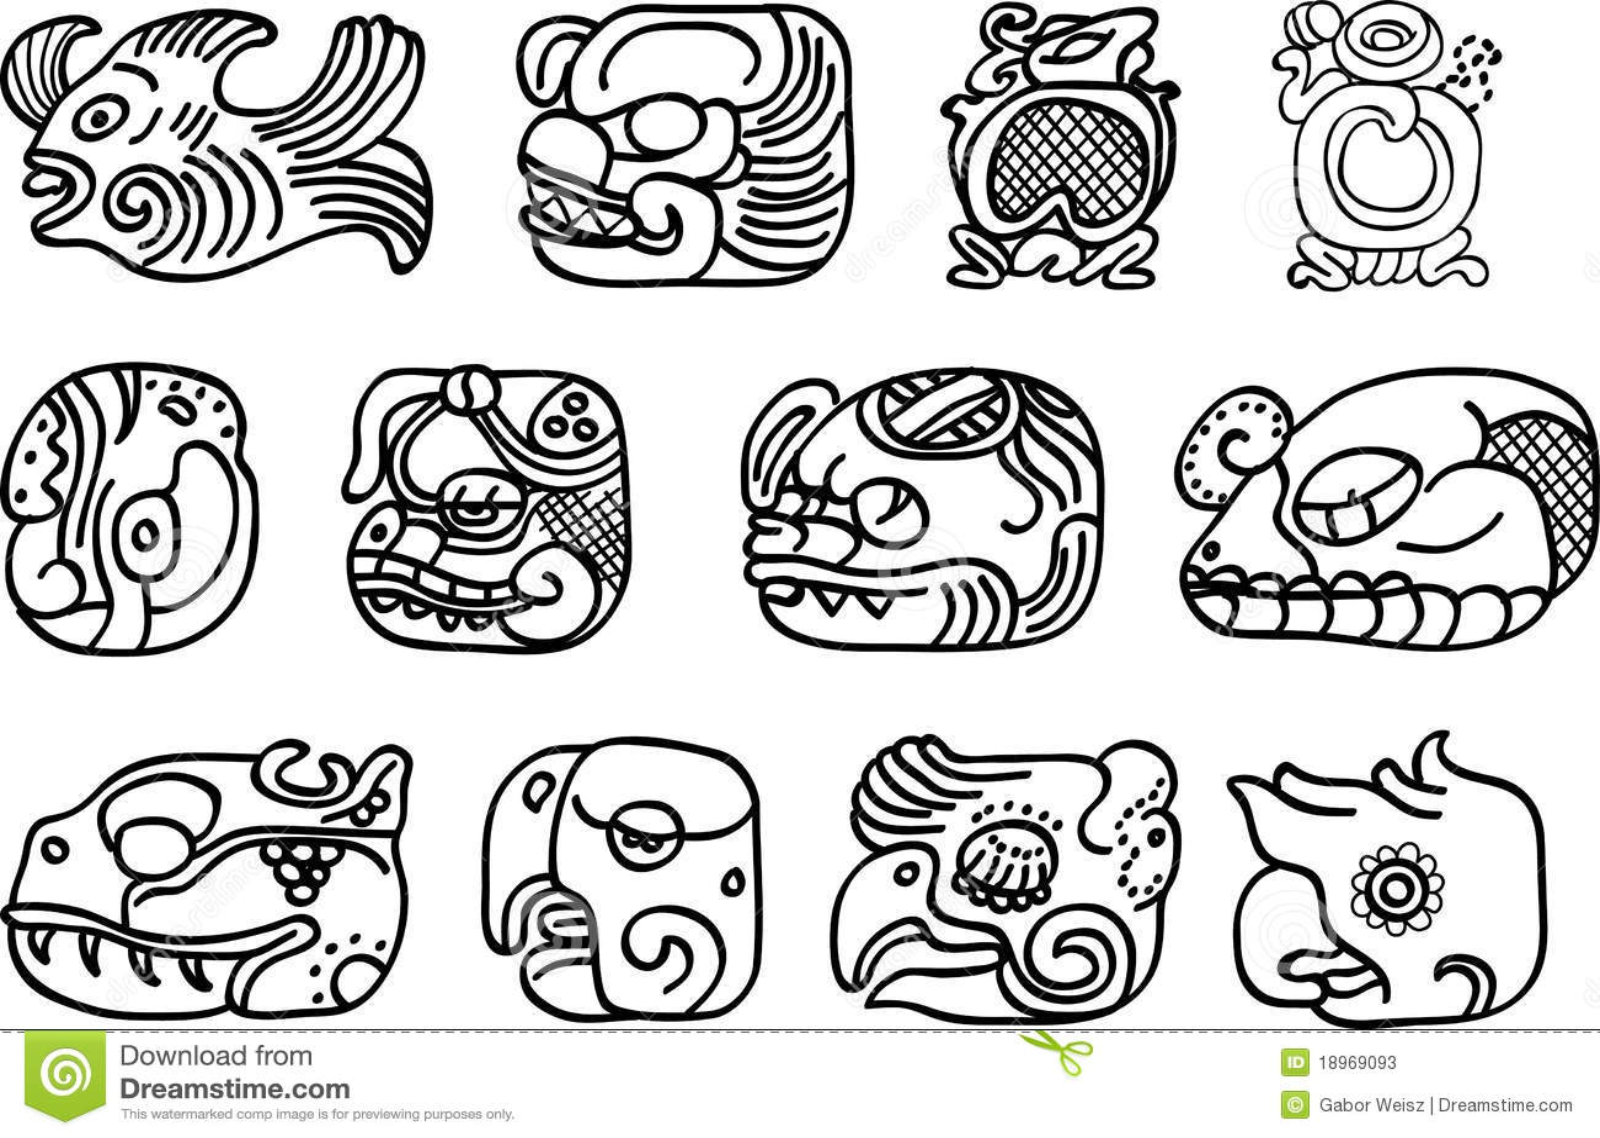 Mexican Aztec Or Maya Motifs Glyphs Illustration 18969093 Megapixl